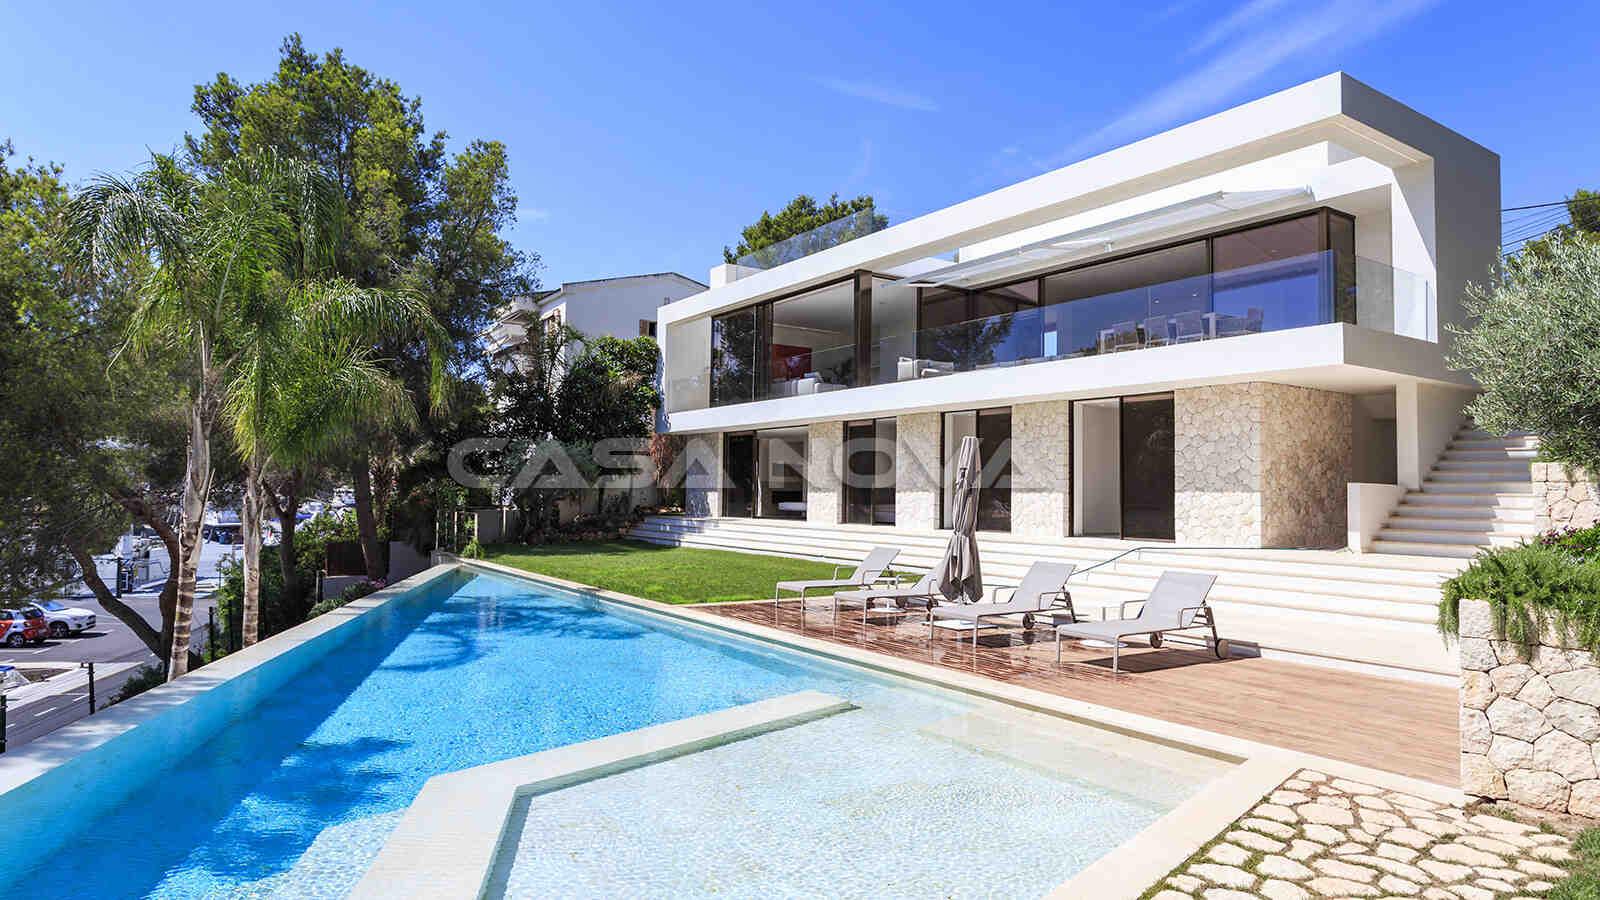 Ref. 2402530 - Elegante Mallorca Villa mit eindrucksvollem Außenbereich